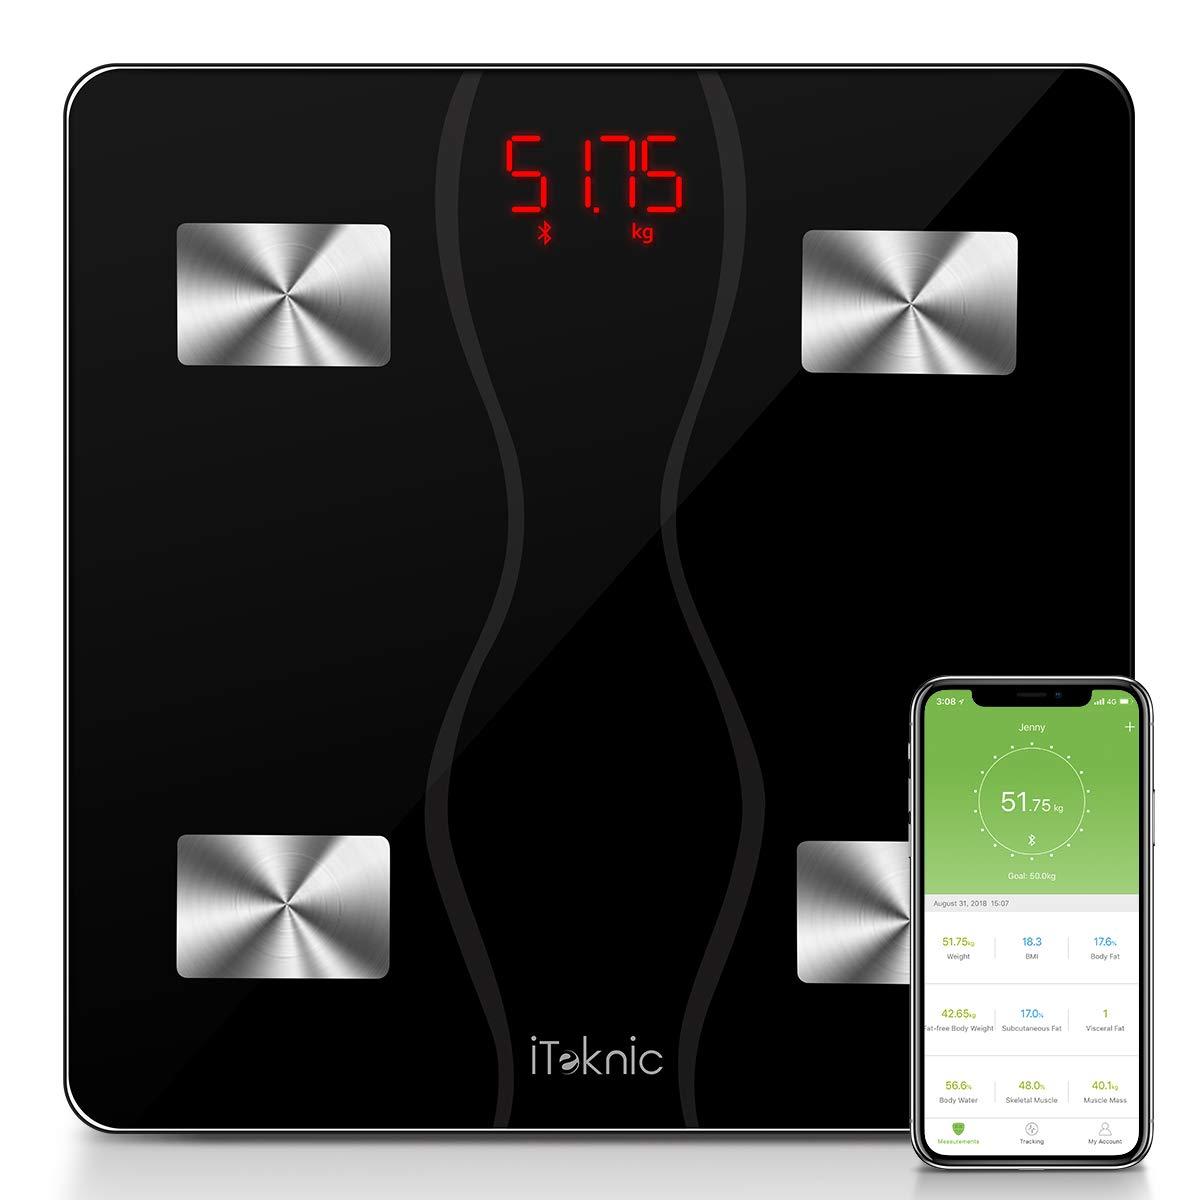 iTeknic Báscula Inteligente con Bluetooth